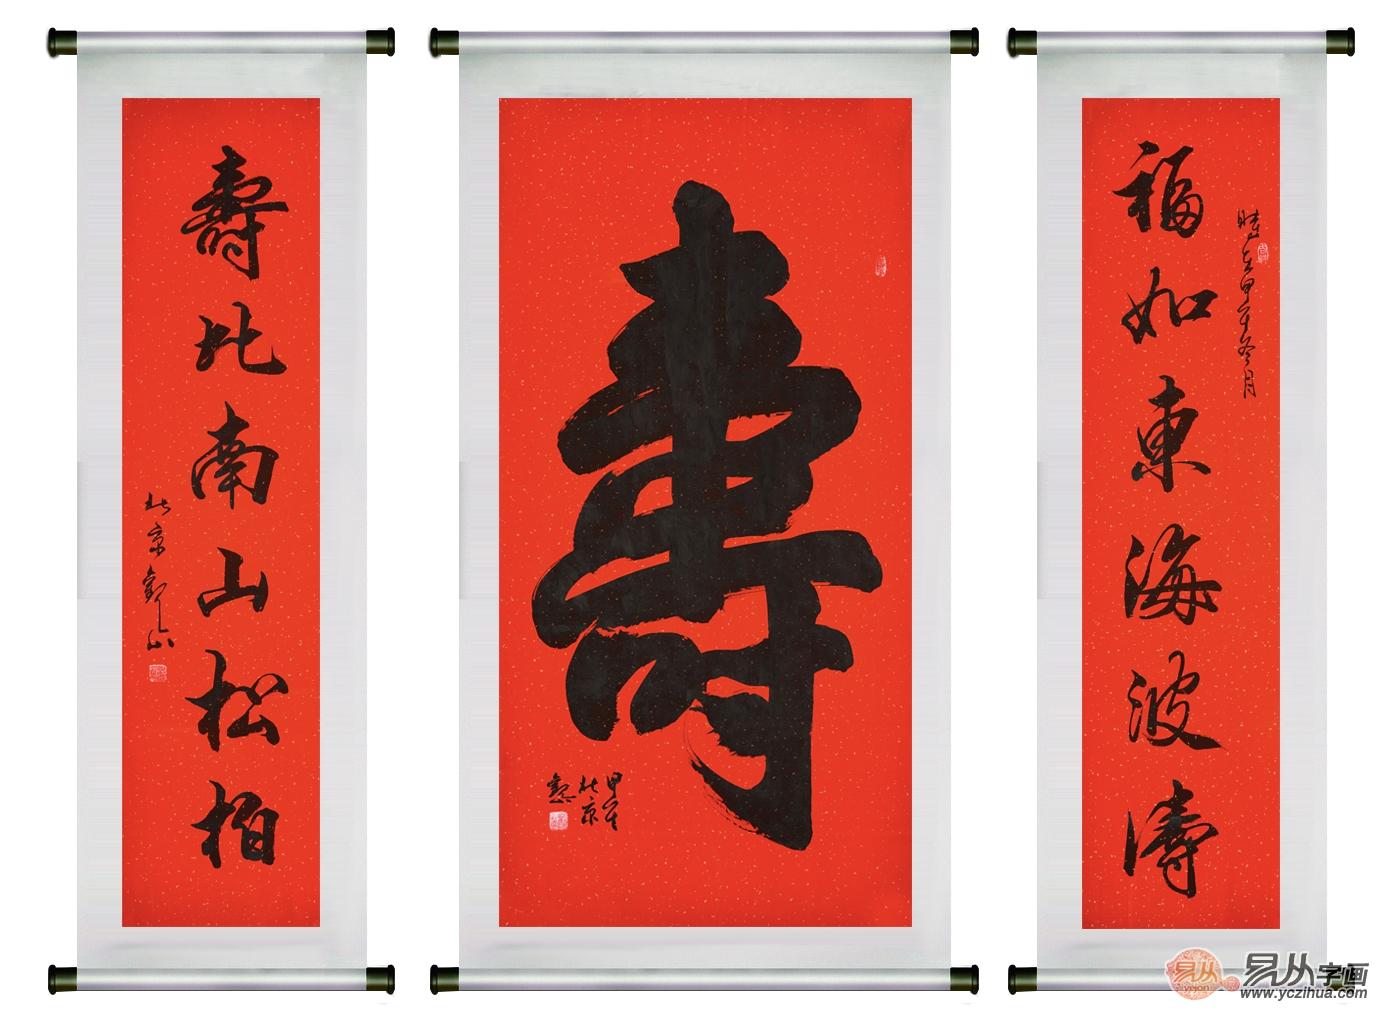 观山老师中堂对联书法作品《寿》-沙发背景墙装饰画挂什么好看 温馨